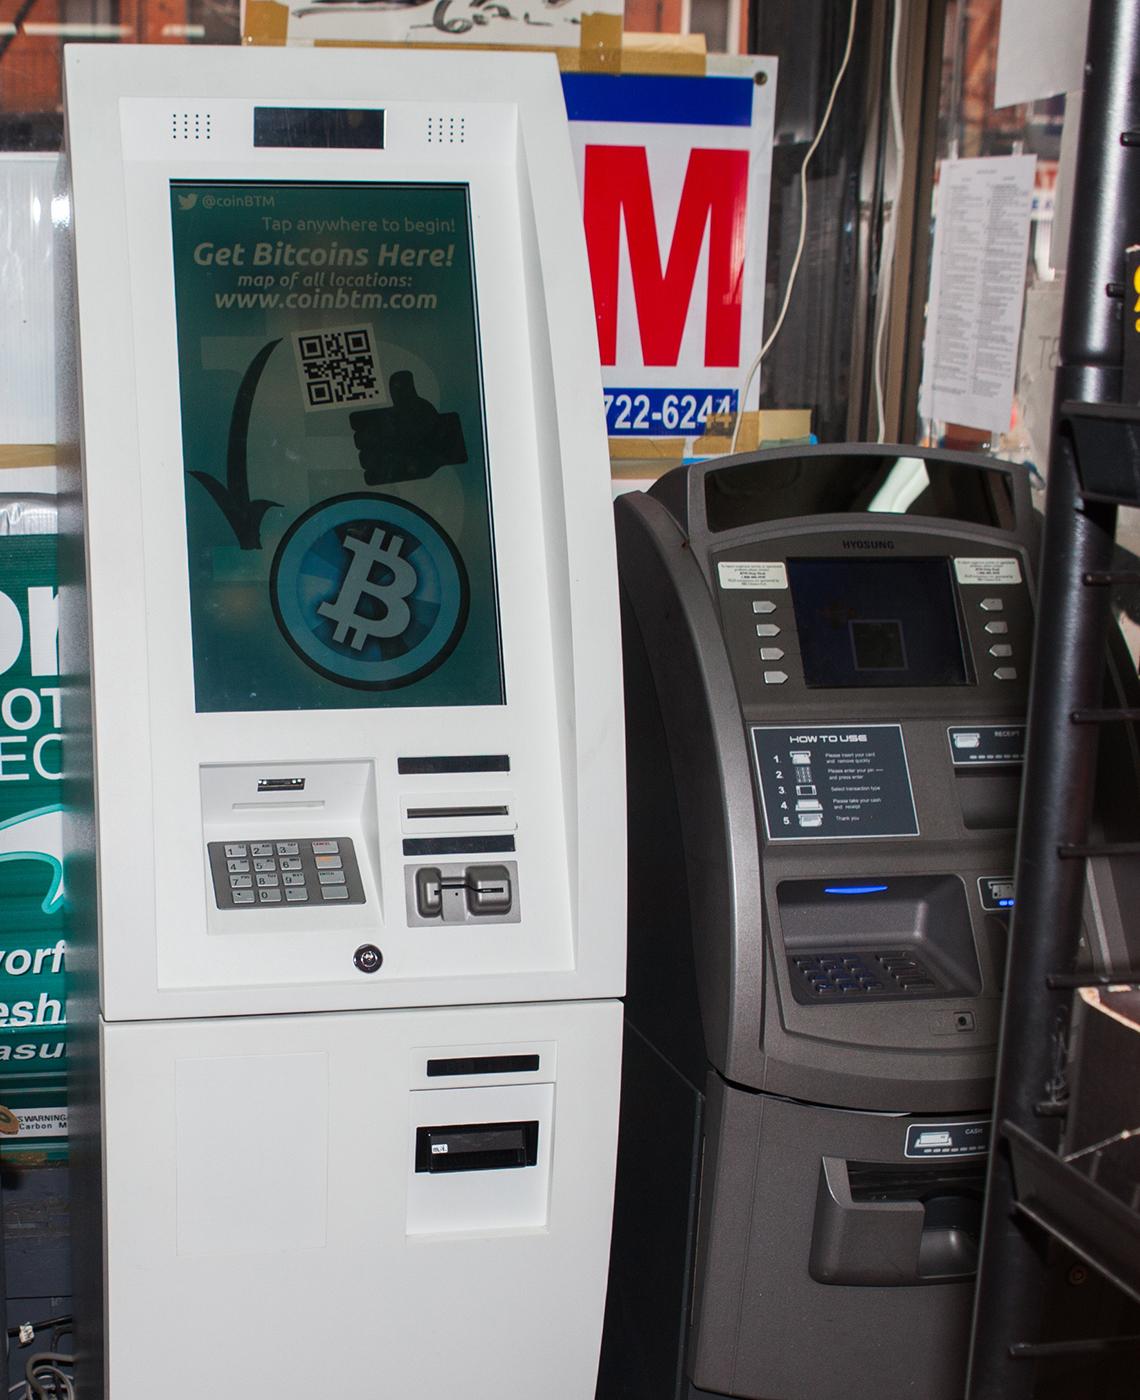 Máquina de bitcóin al lado de un cajero automático en una tienda en Nueva York, enero 14, 2016.